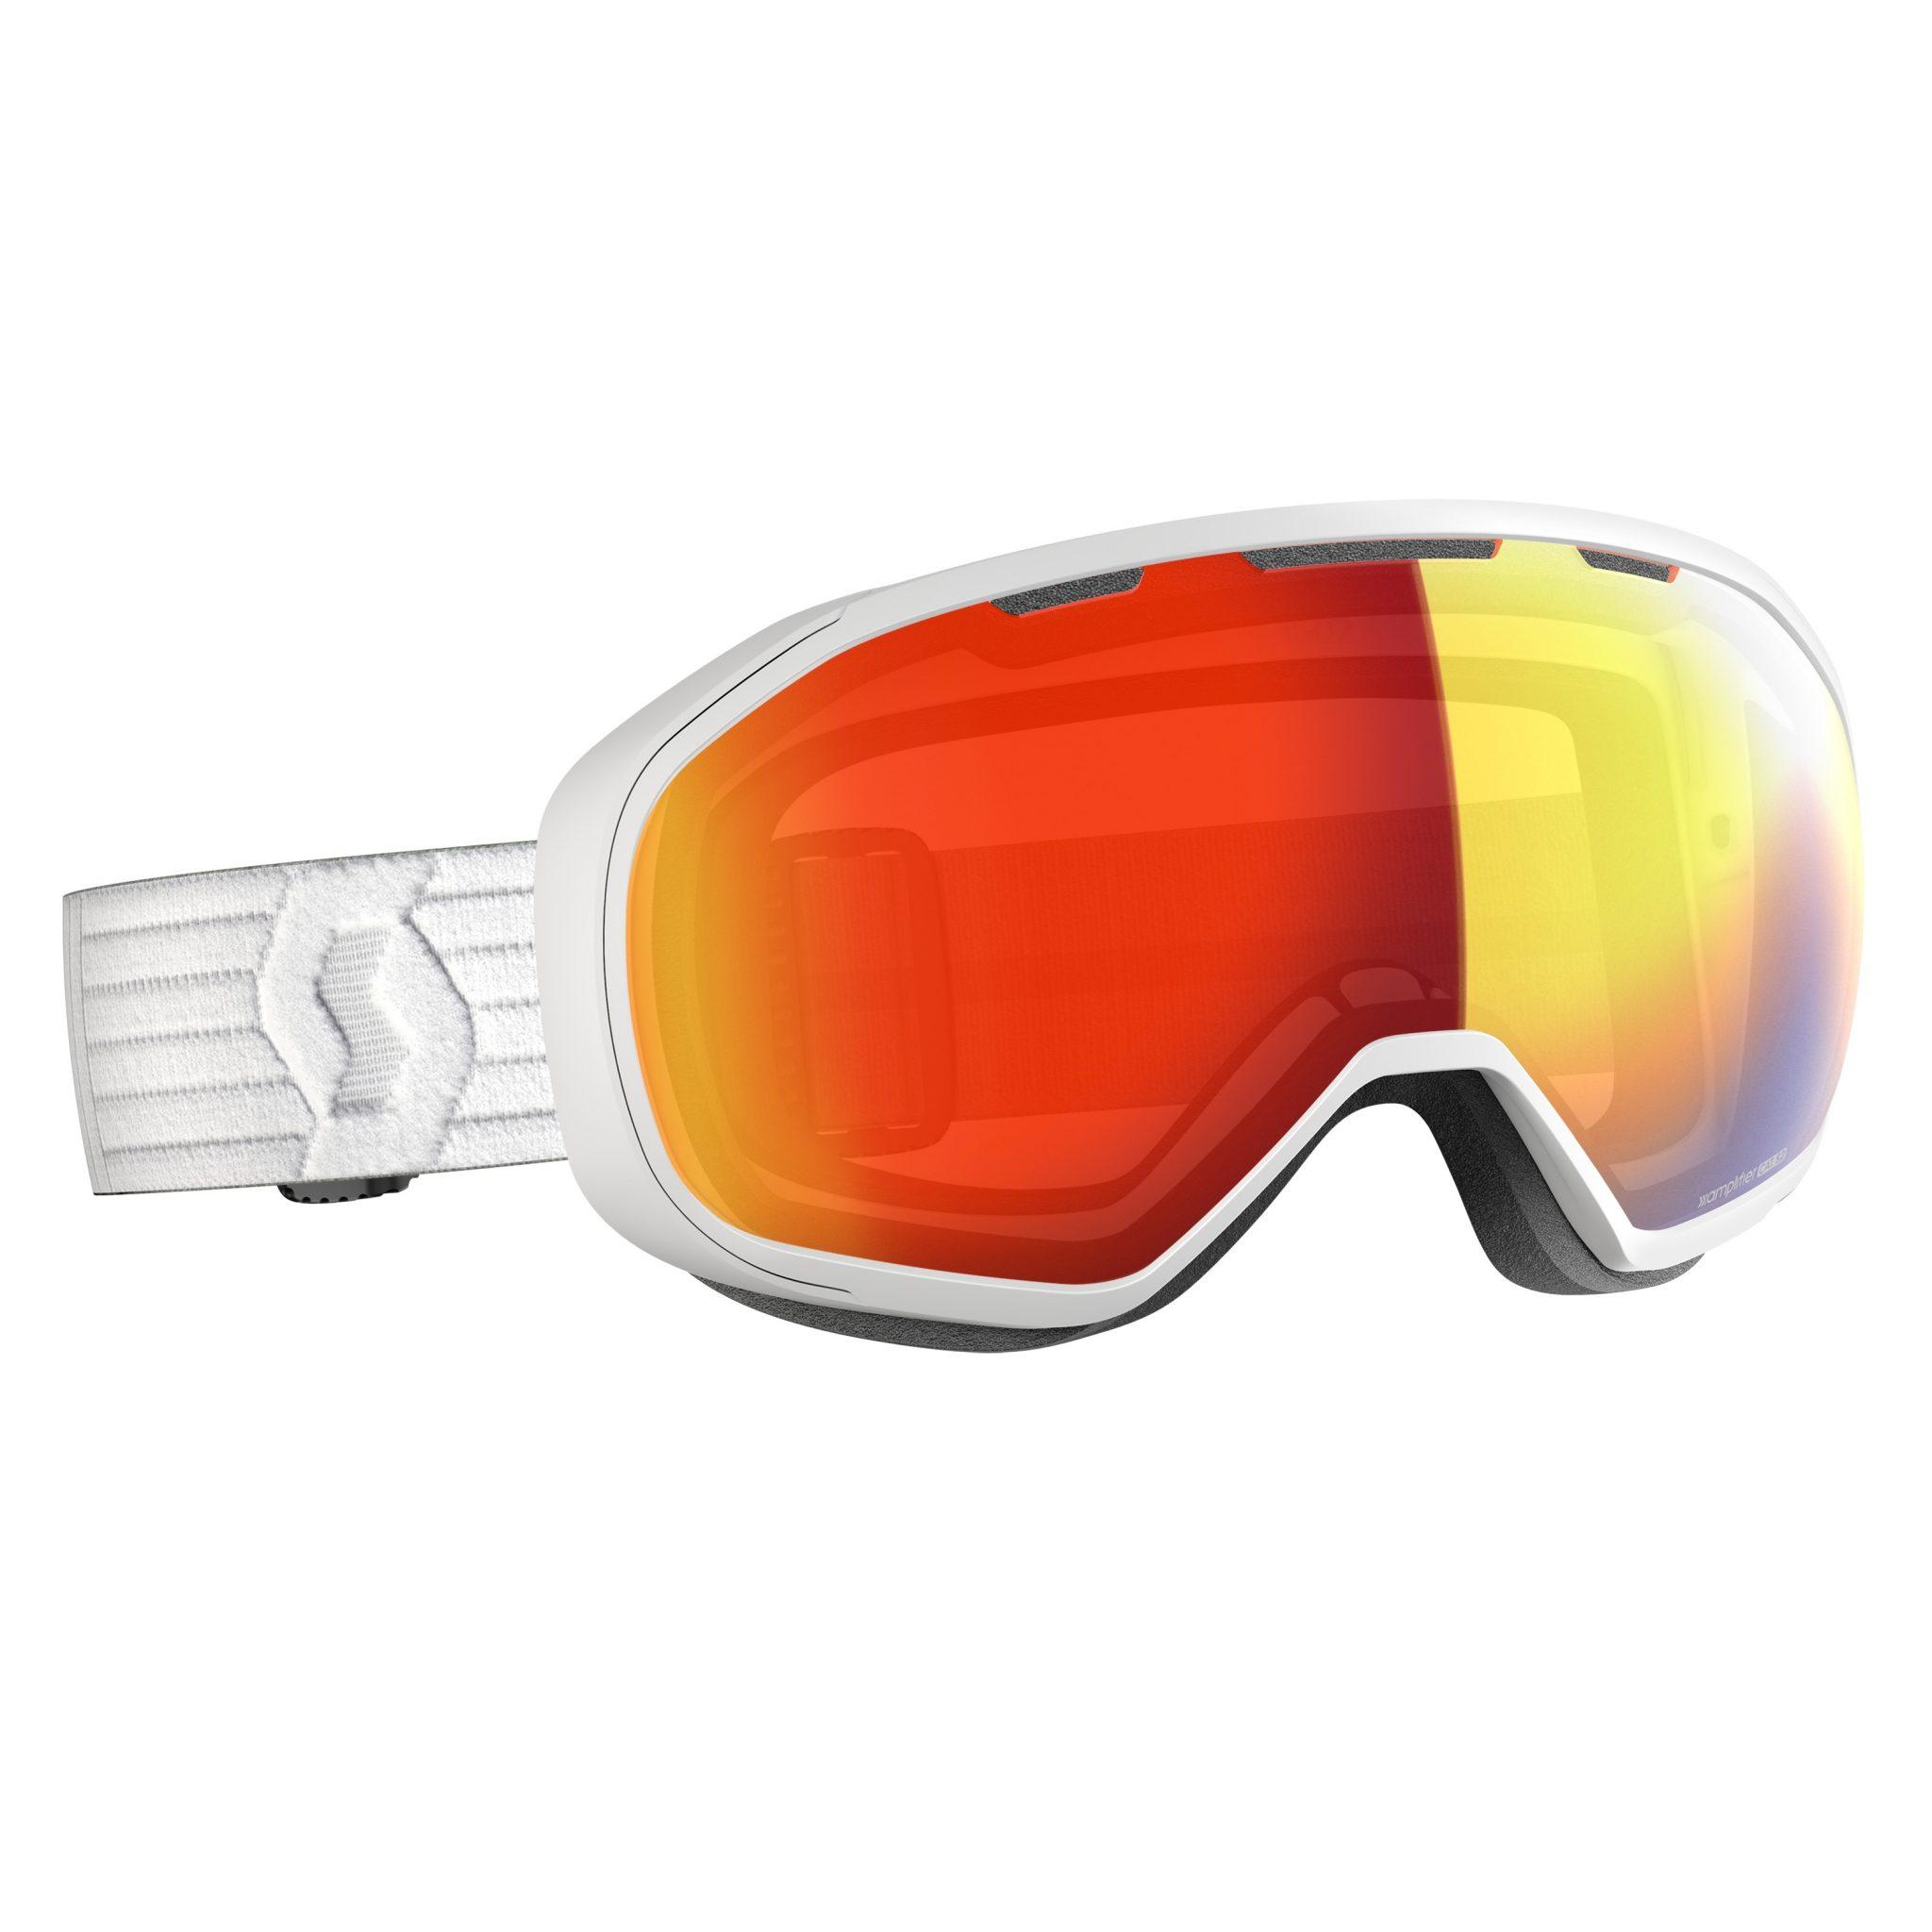 Scott Fix Goggle - White Enhancer Red Chrome - Front View